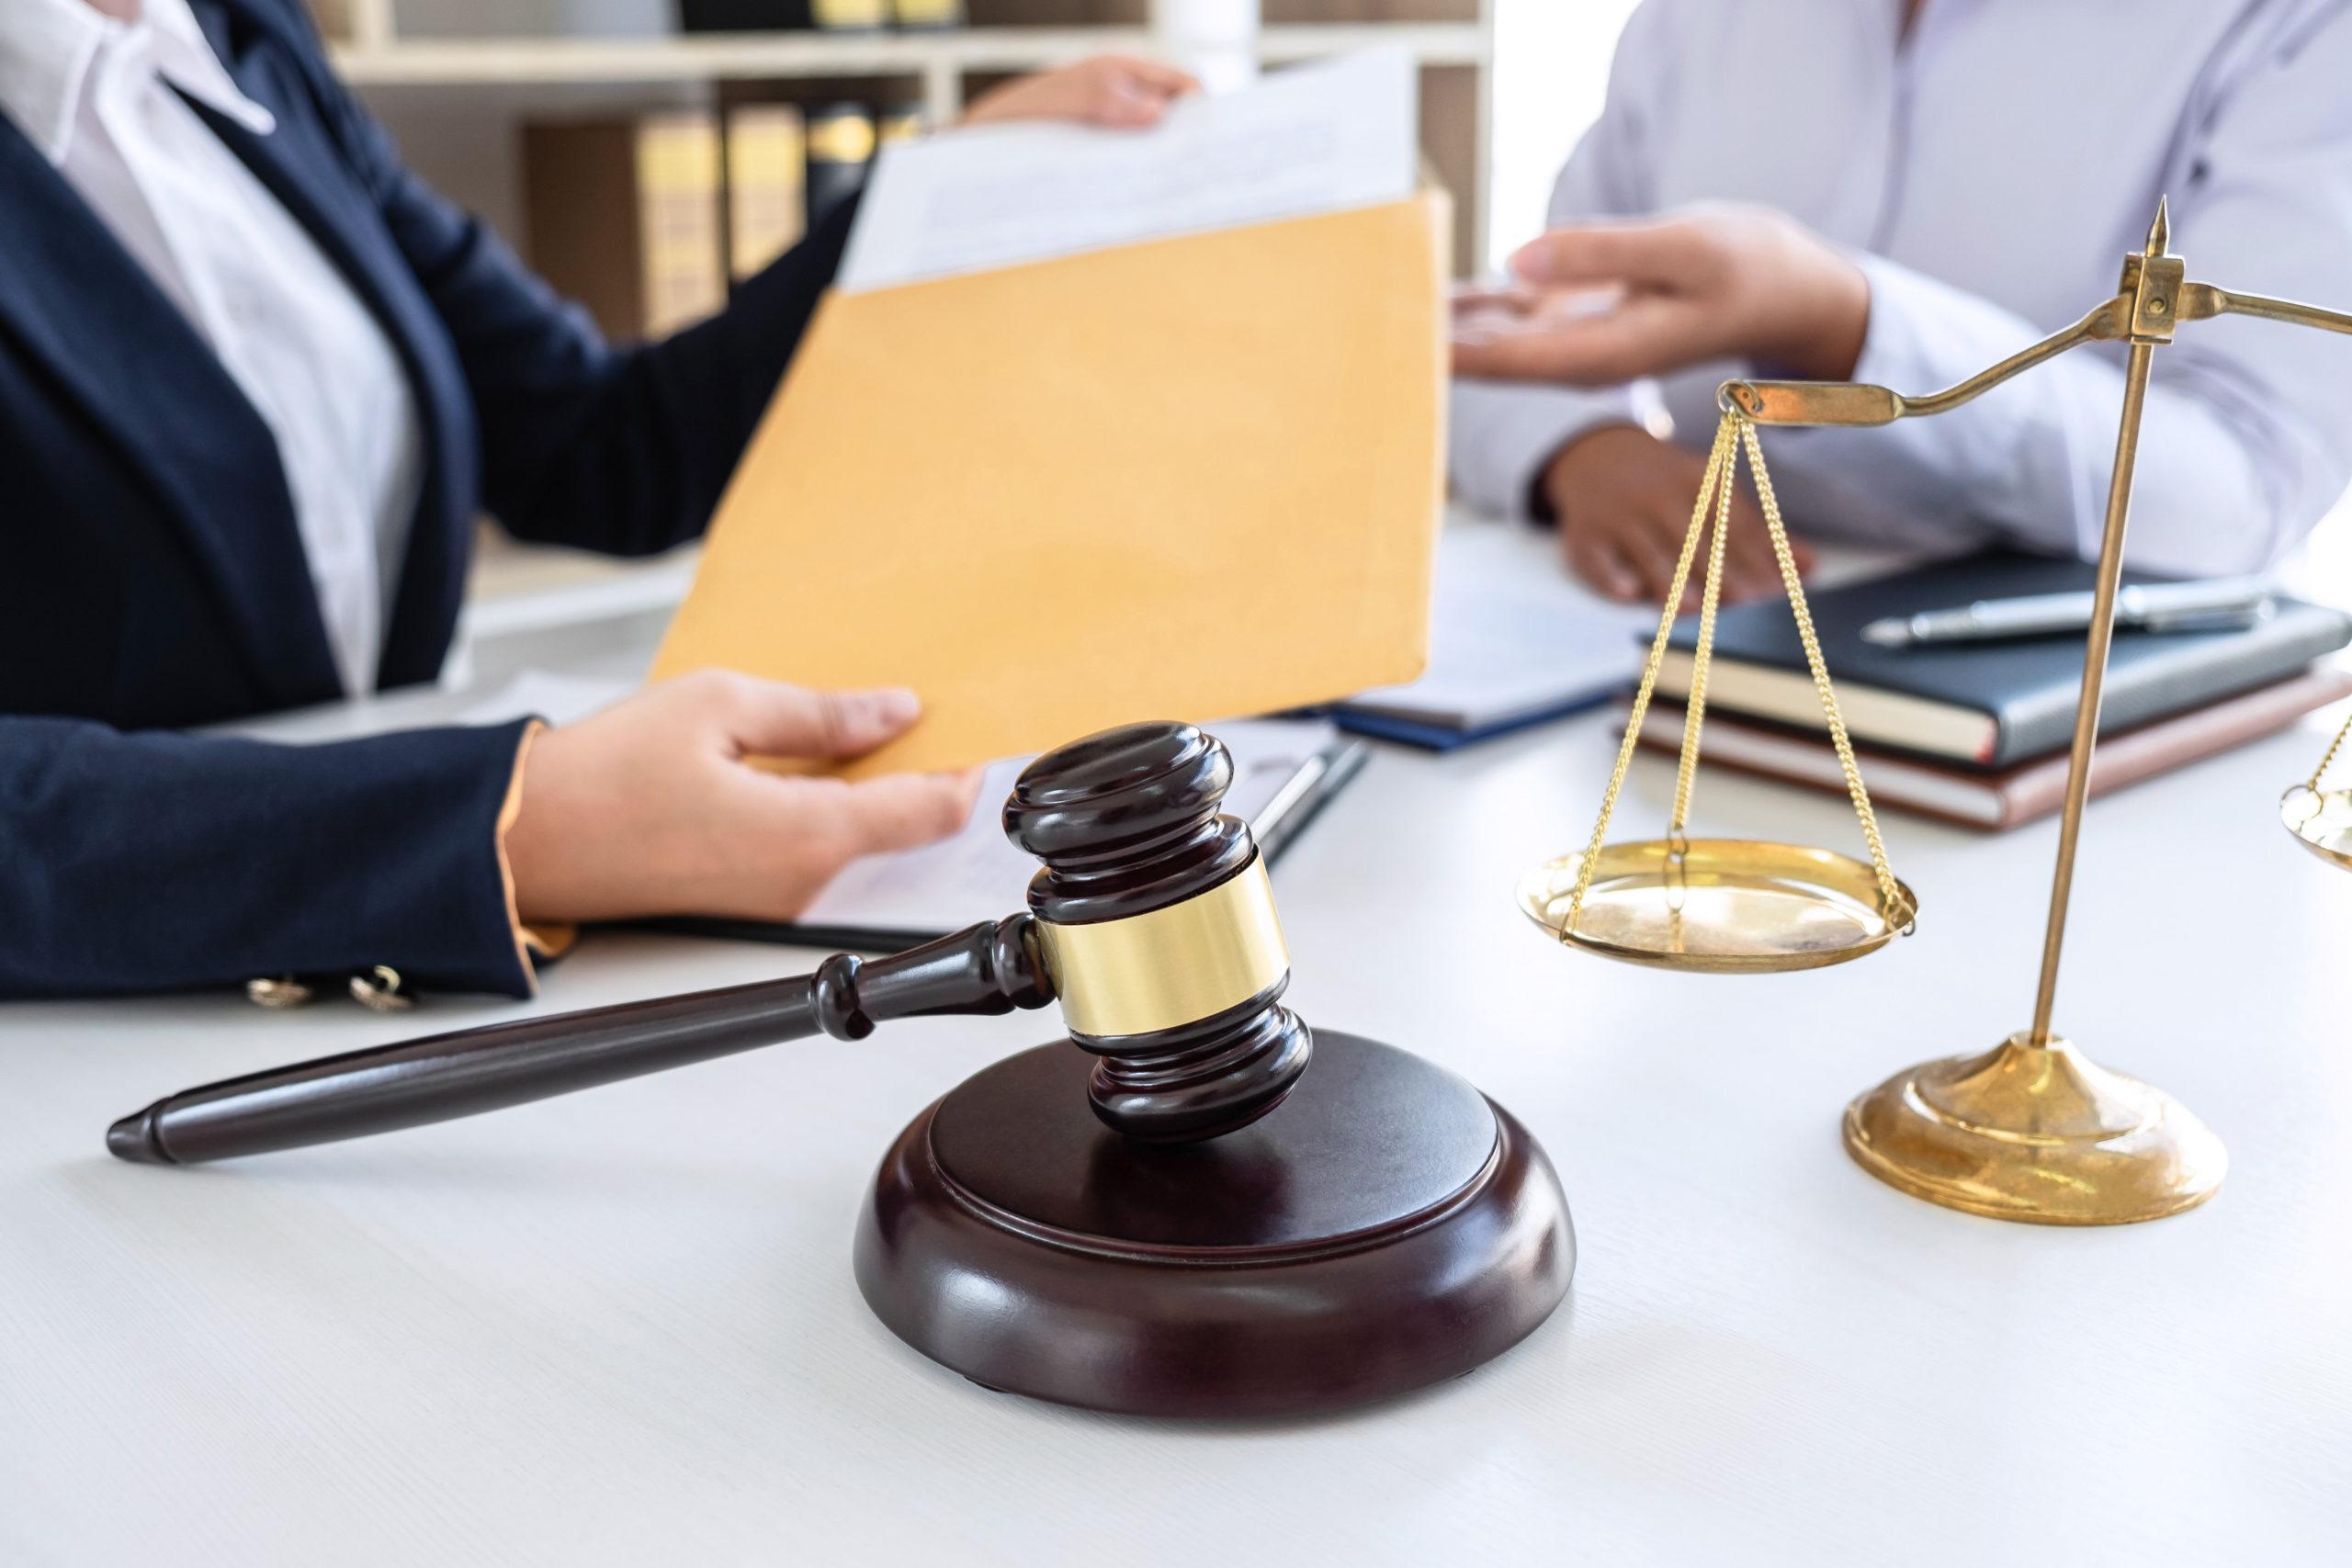 CECCAR solicită Guvernului României asigurarea accesului neîngrădit al experților contabili judiciari și al celorlalți experți tehnici judiciari în incinta autorităților și instituțiilor publice pentru înfăptuirea actului de justiție, în interes public